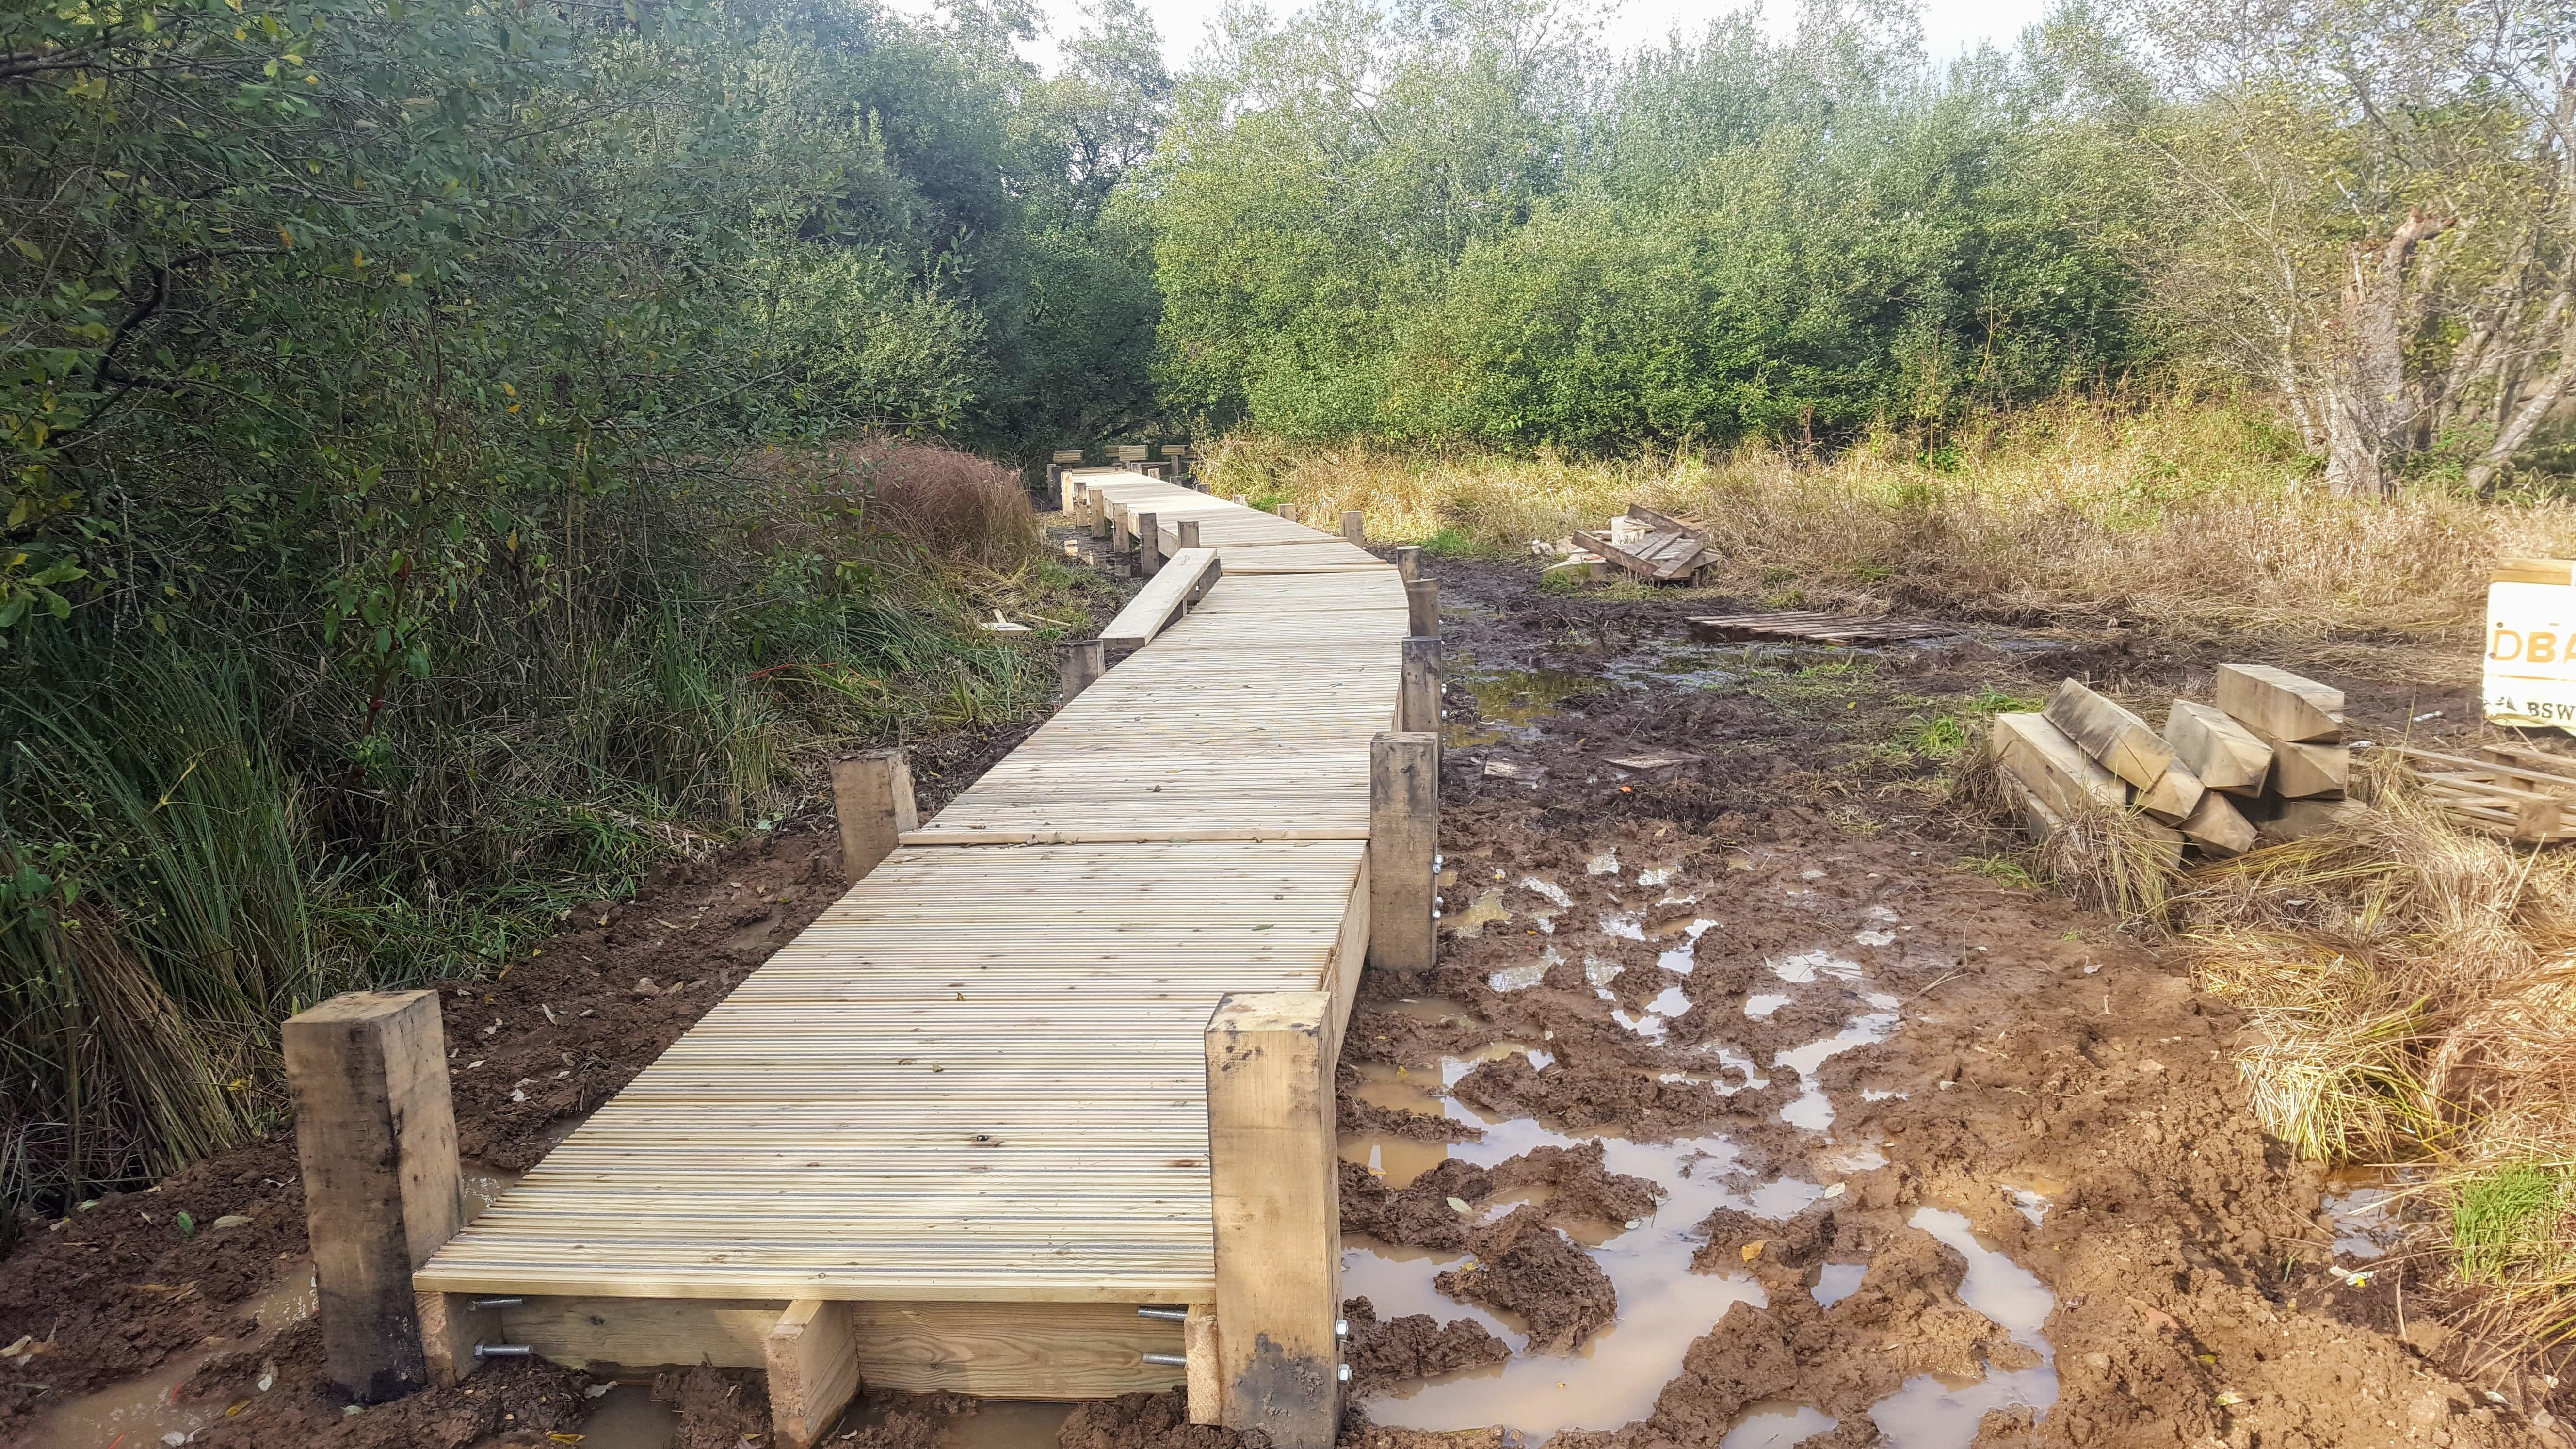 Work on the new boardwalk at Weyburn underway.